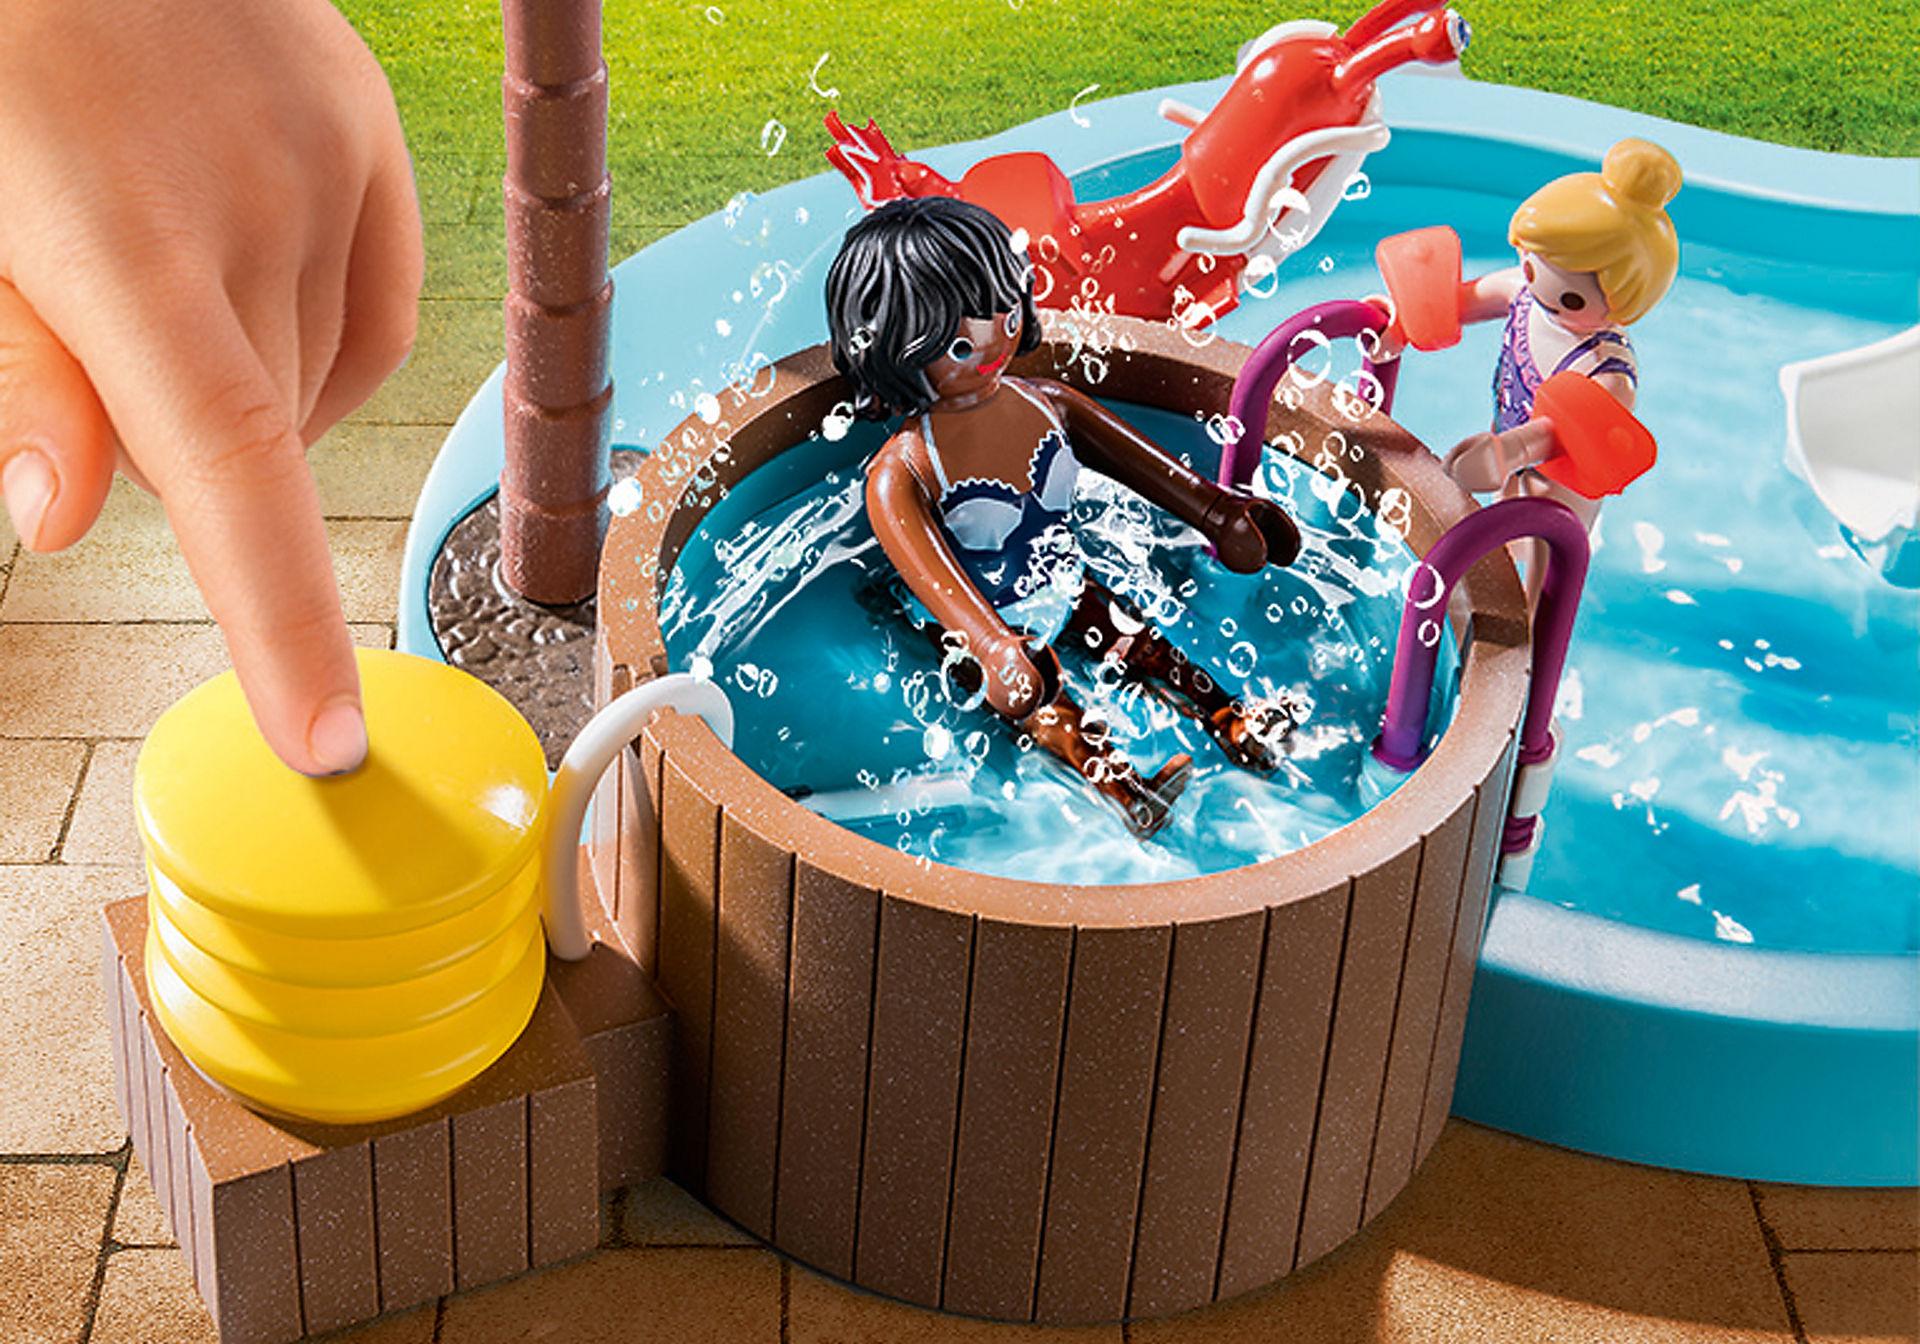 70611 Børnebad med boblebad zoom image4